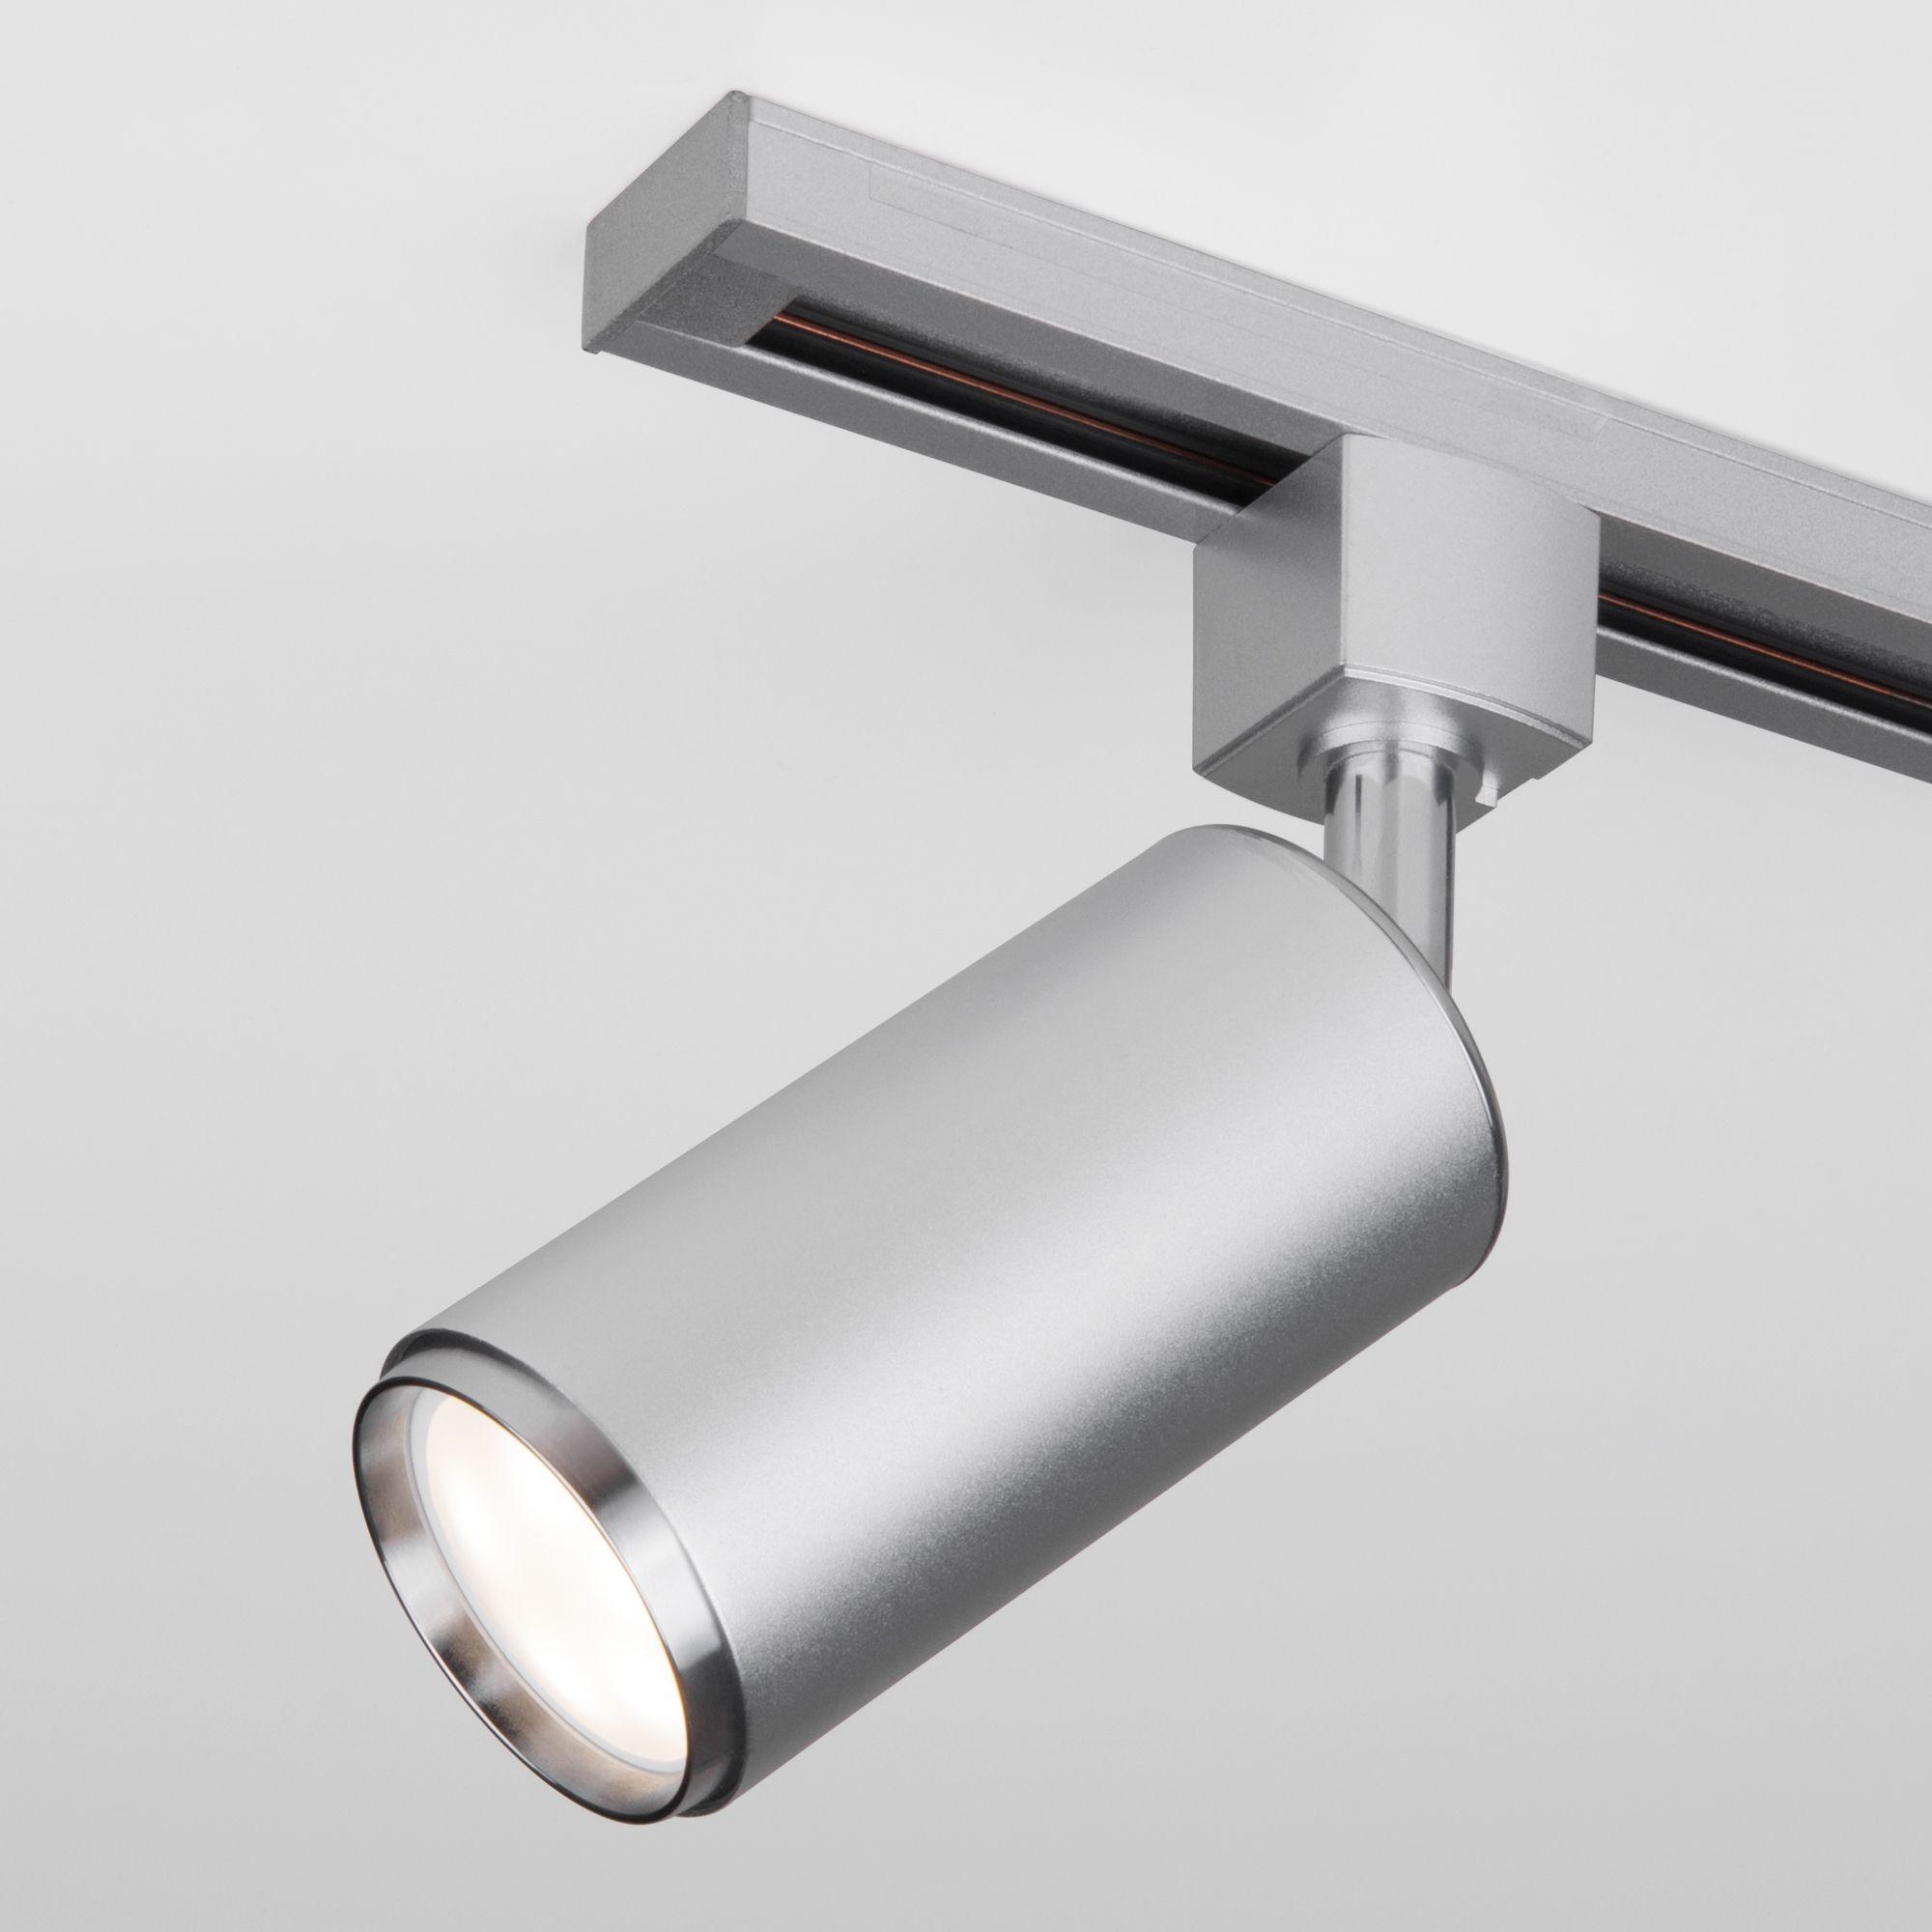 Трековый светильник для однофазного шинопровода Svit GU10 хром матовый MRL 1013